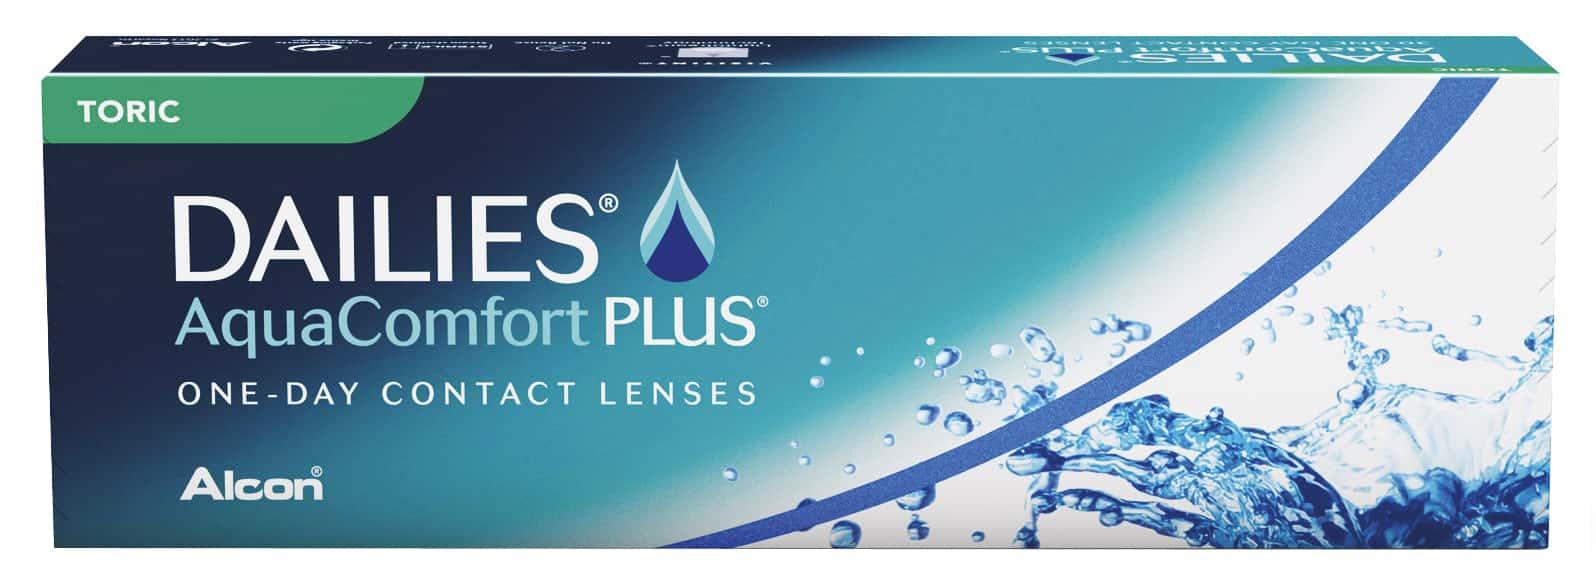 Dailies AquaComfort Plus Toric 30L